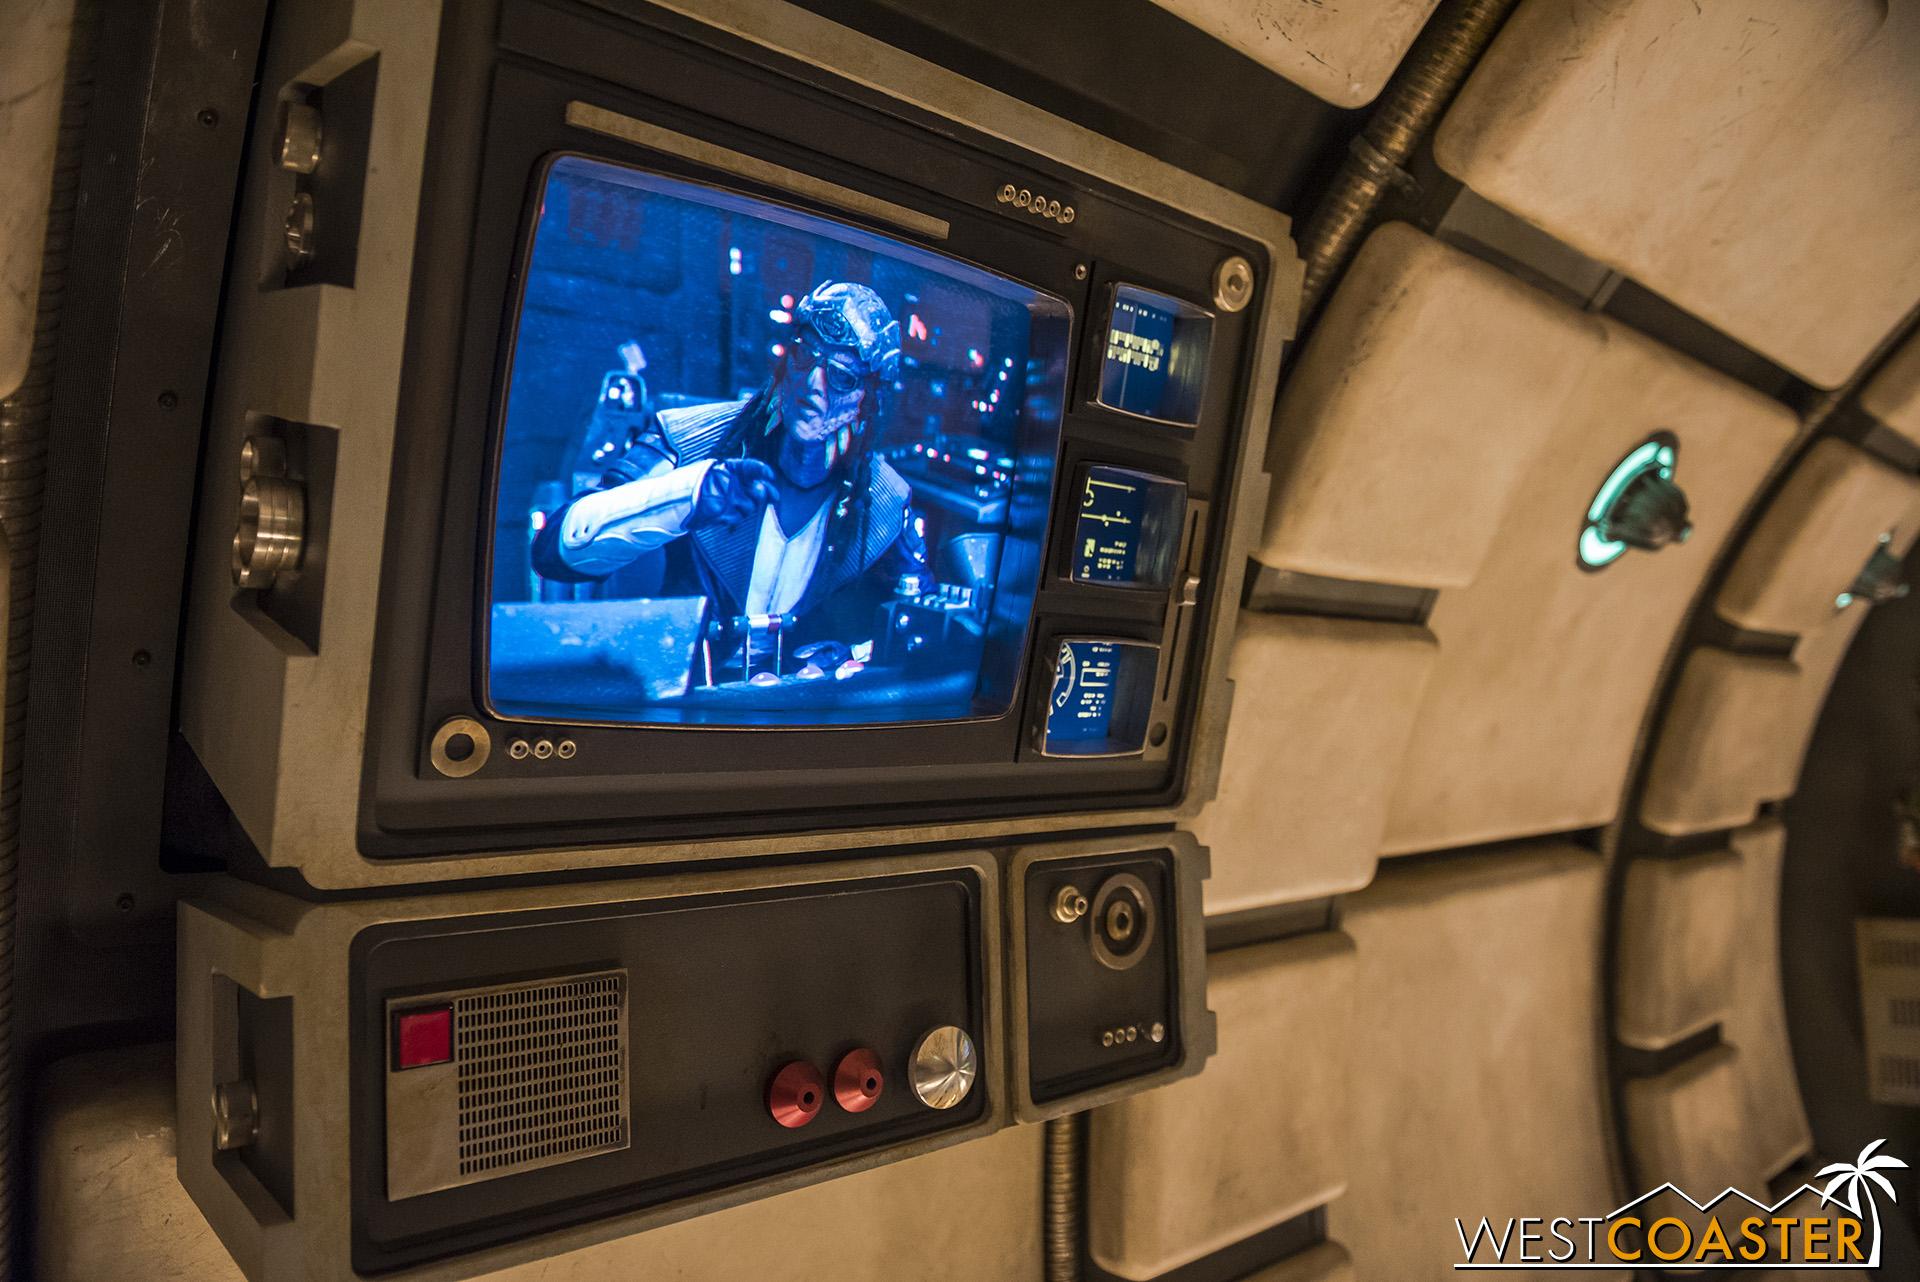 DLR-19_0606-C-Falcon-0009.jpg